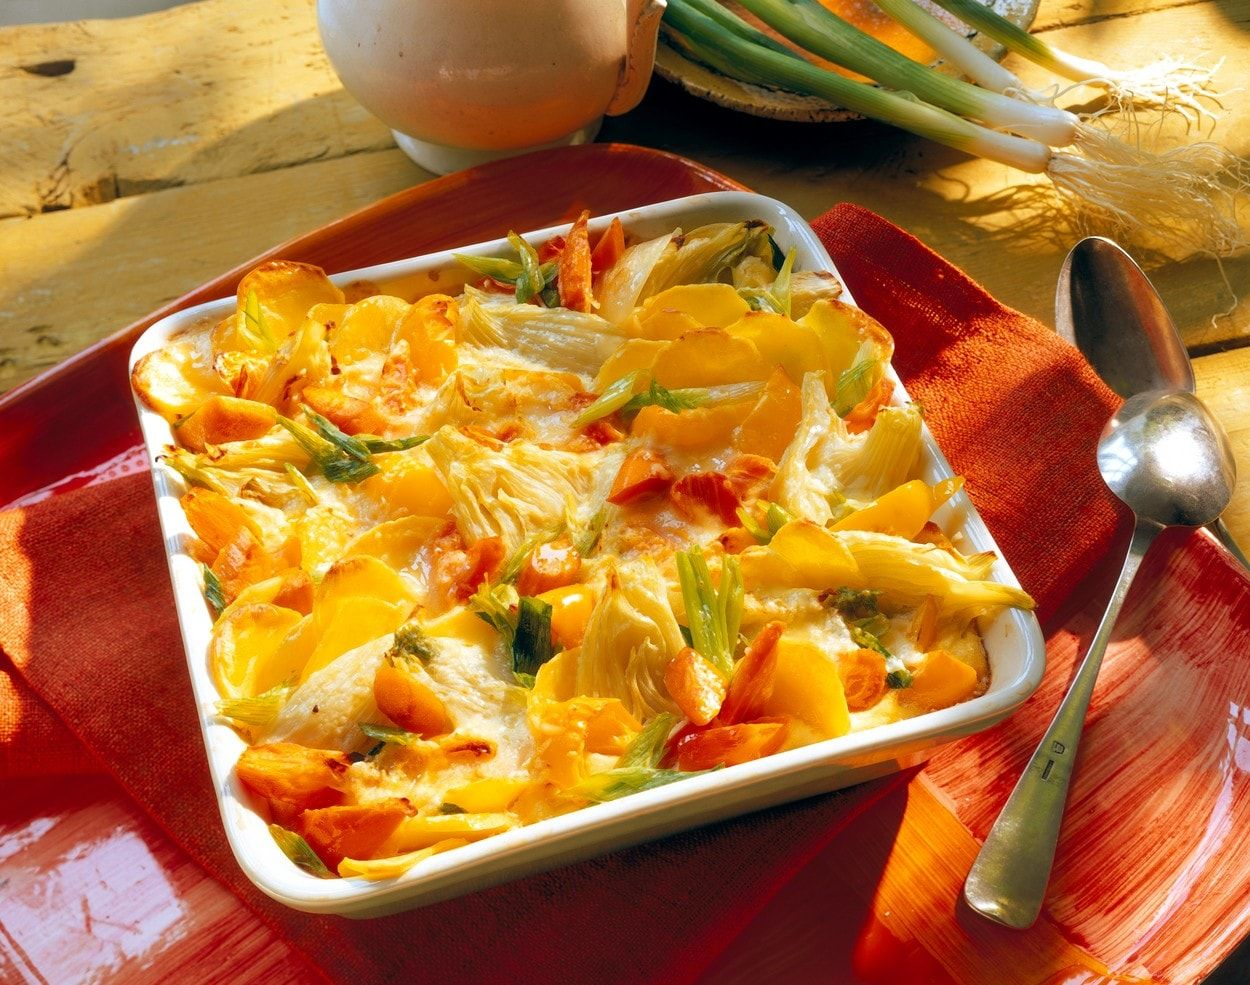 V našich záhradkách sa s feniklom stretávame stále len zriedkavo. Na pultoch predajní sa síce objavuje čoraz častejšie, no konzumenti ho takmer nepoznajú a nevedia ho pripravovať. A pritom zapečený fenikel so zemiakmi je delikatesa.